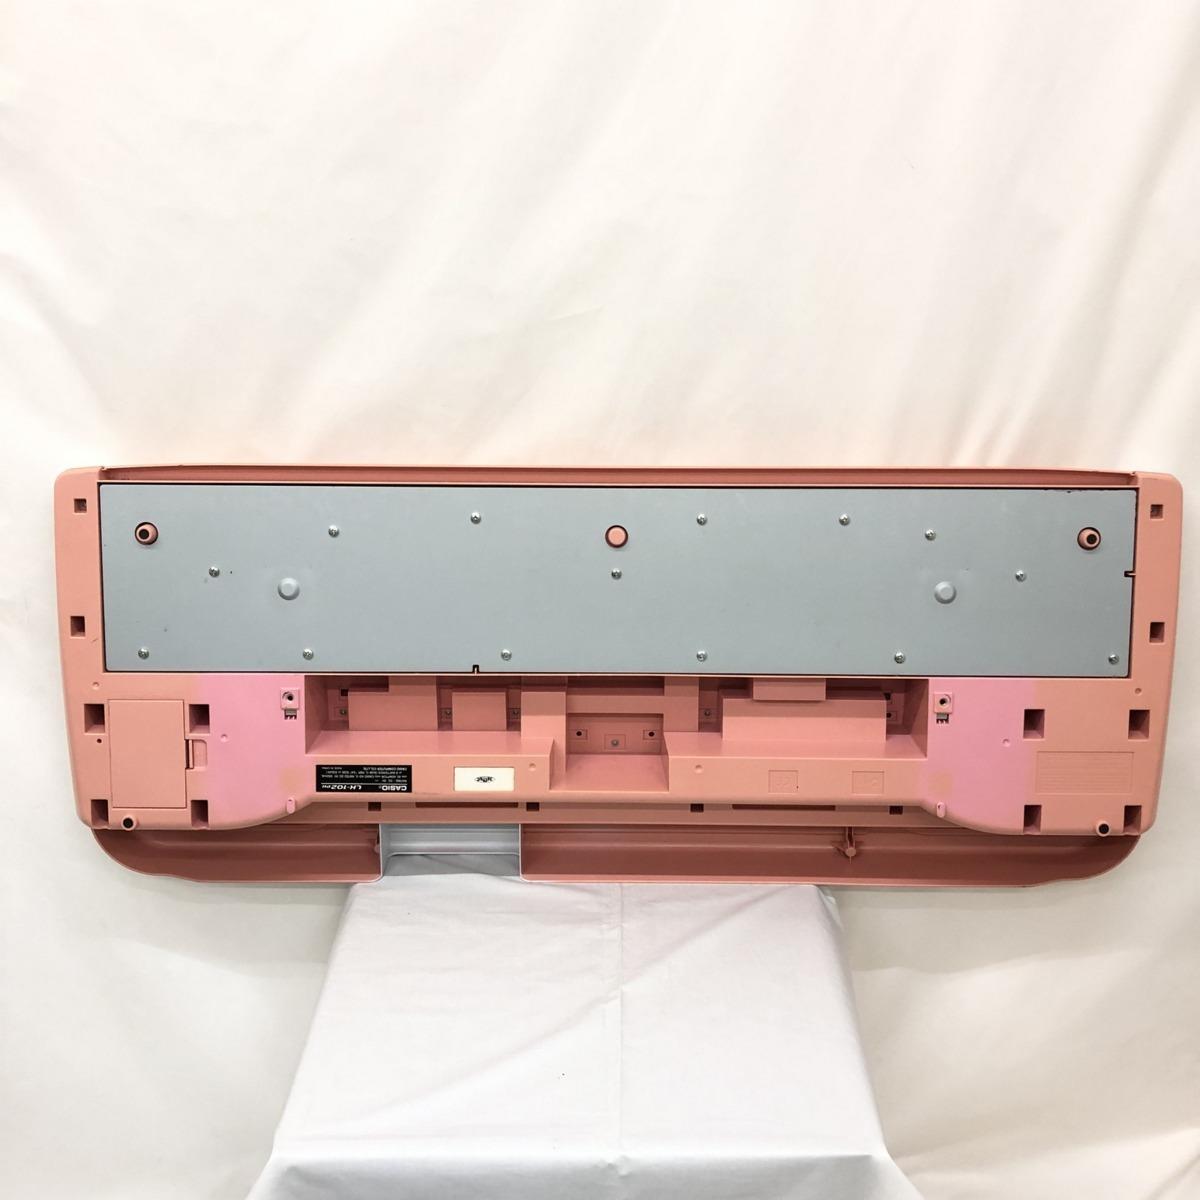 中古 CASIO カシオ 電子キーボード LK-102PK 61鍵盤 光ナビゲーション シルバー ピンク系 ポップカラー 電子ピアノ H15209_画像7